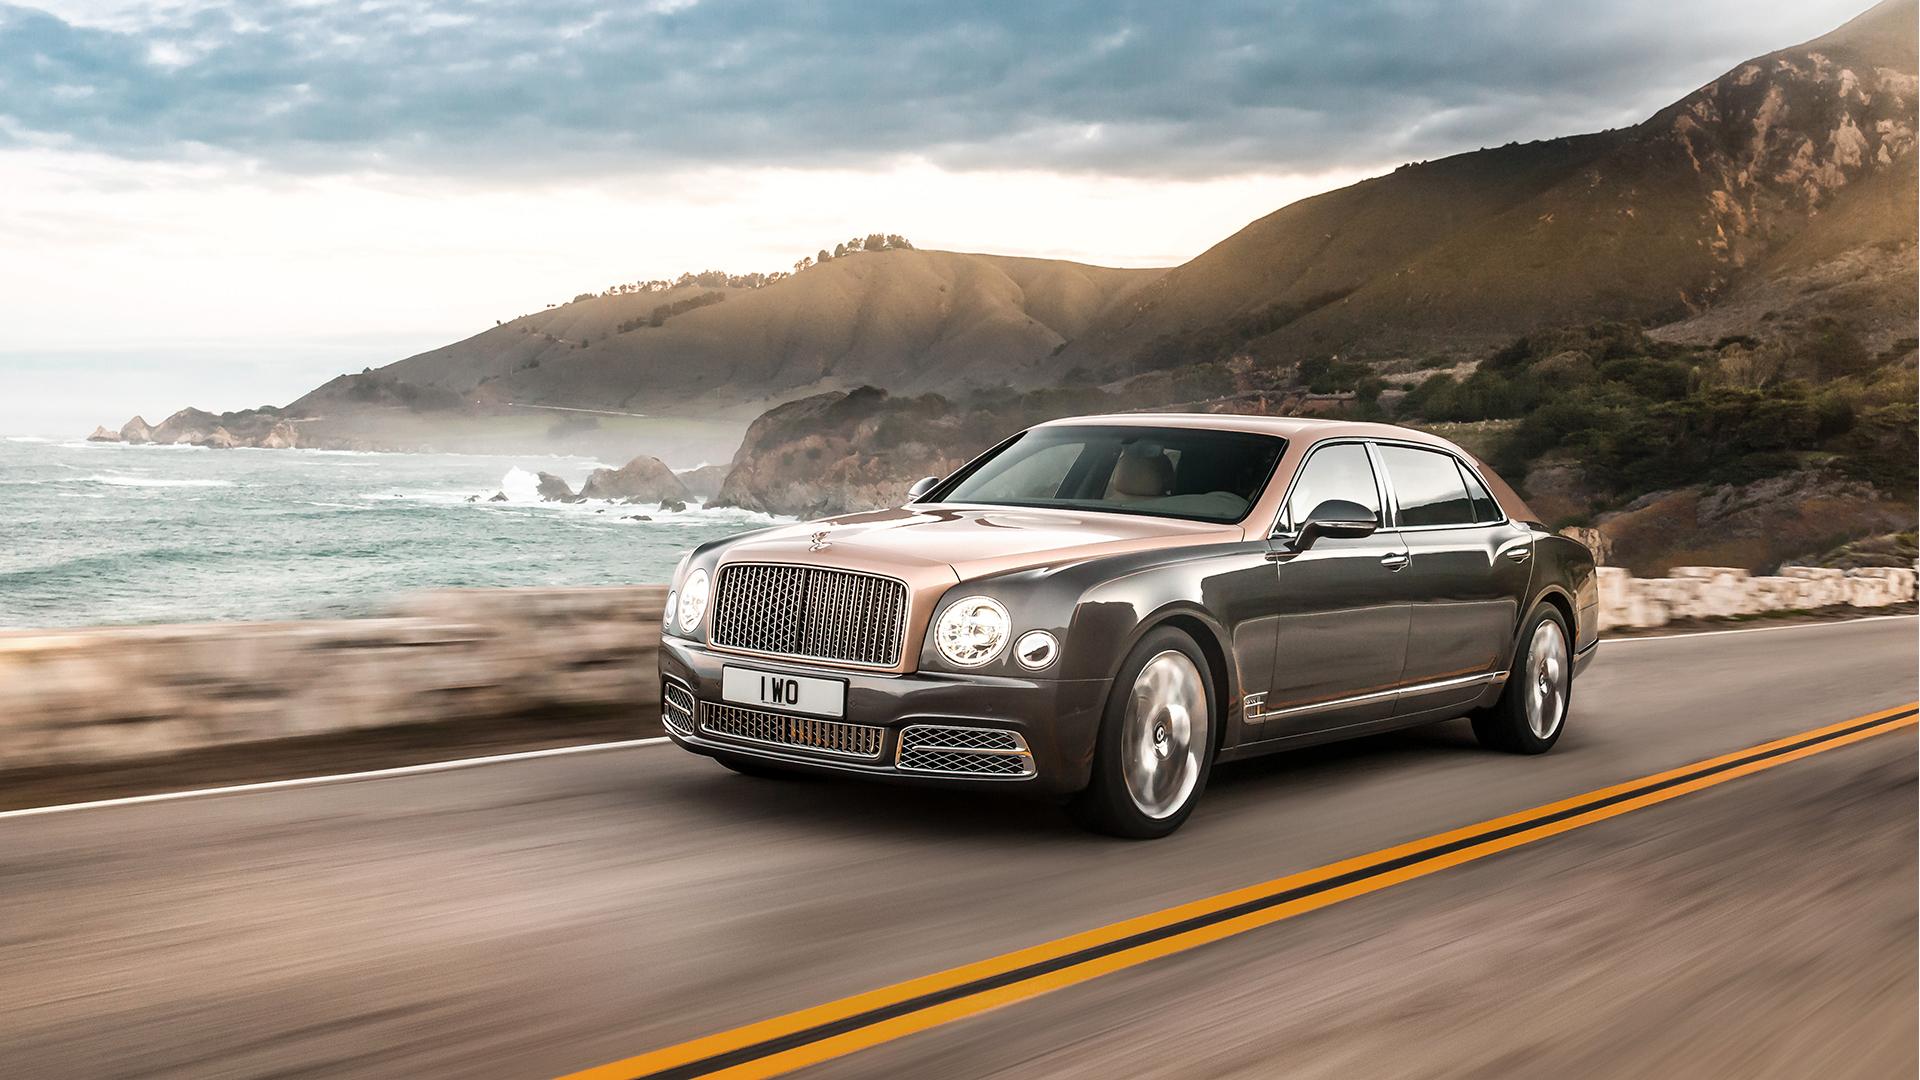 7 điều ĐẶC BIỆT trên xe siêu sang Bentley Mulsanne